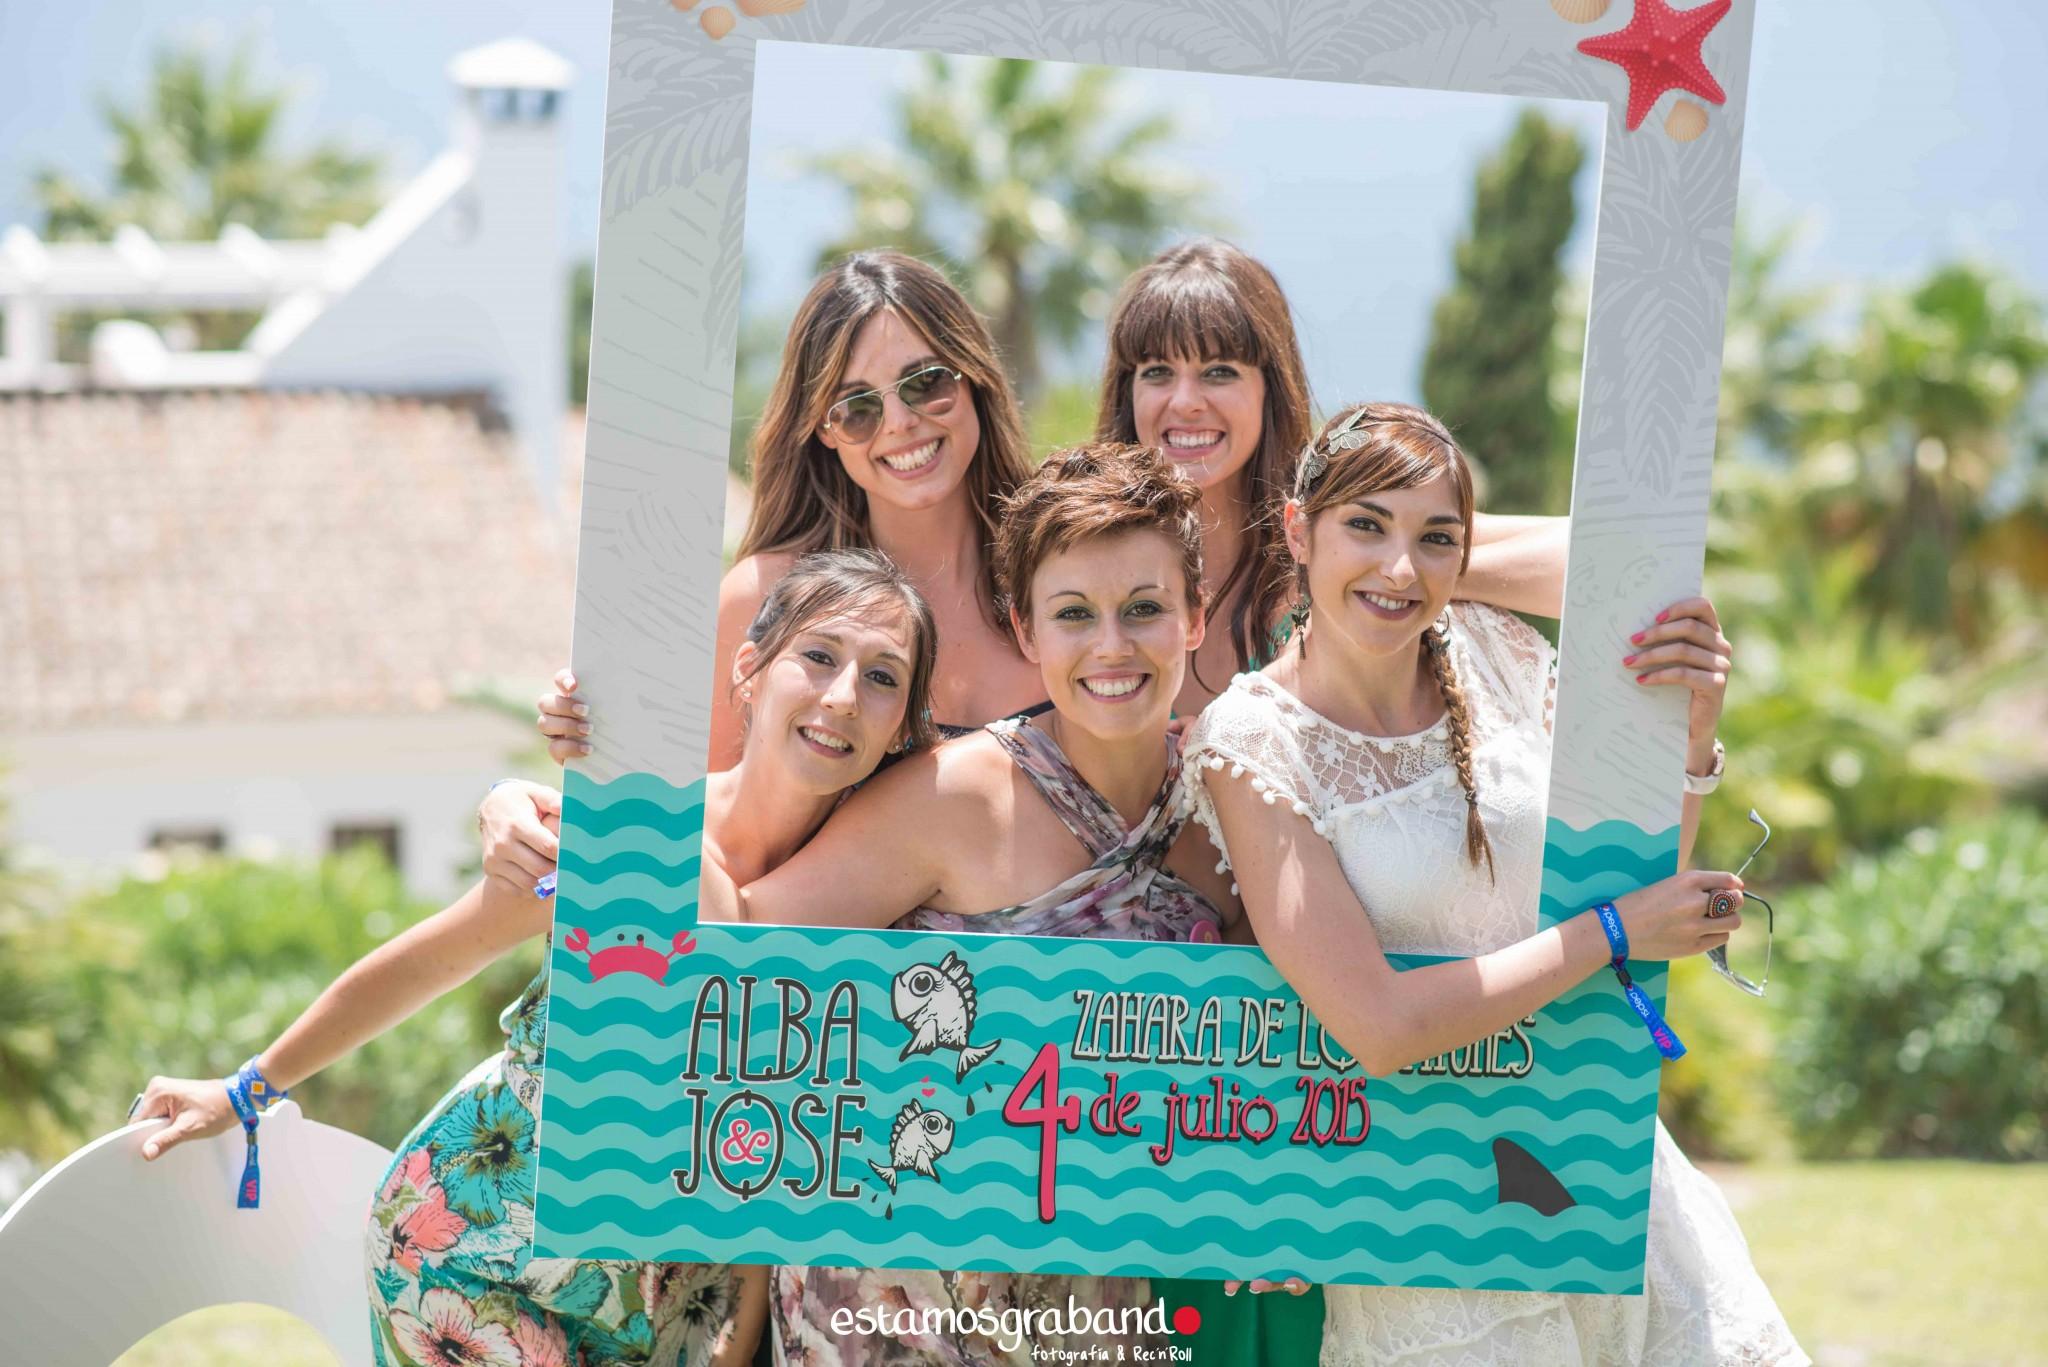 Alba-y-Jose-BTTW-12 Los invitados de Alba & Jose [Back to the wedding_Atlanterra, Zahara de los Atunes] - video boda cadiz